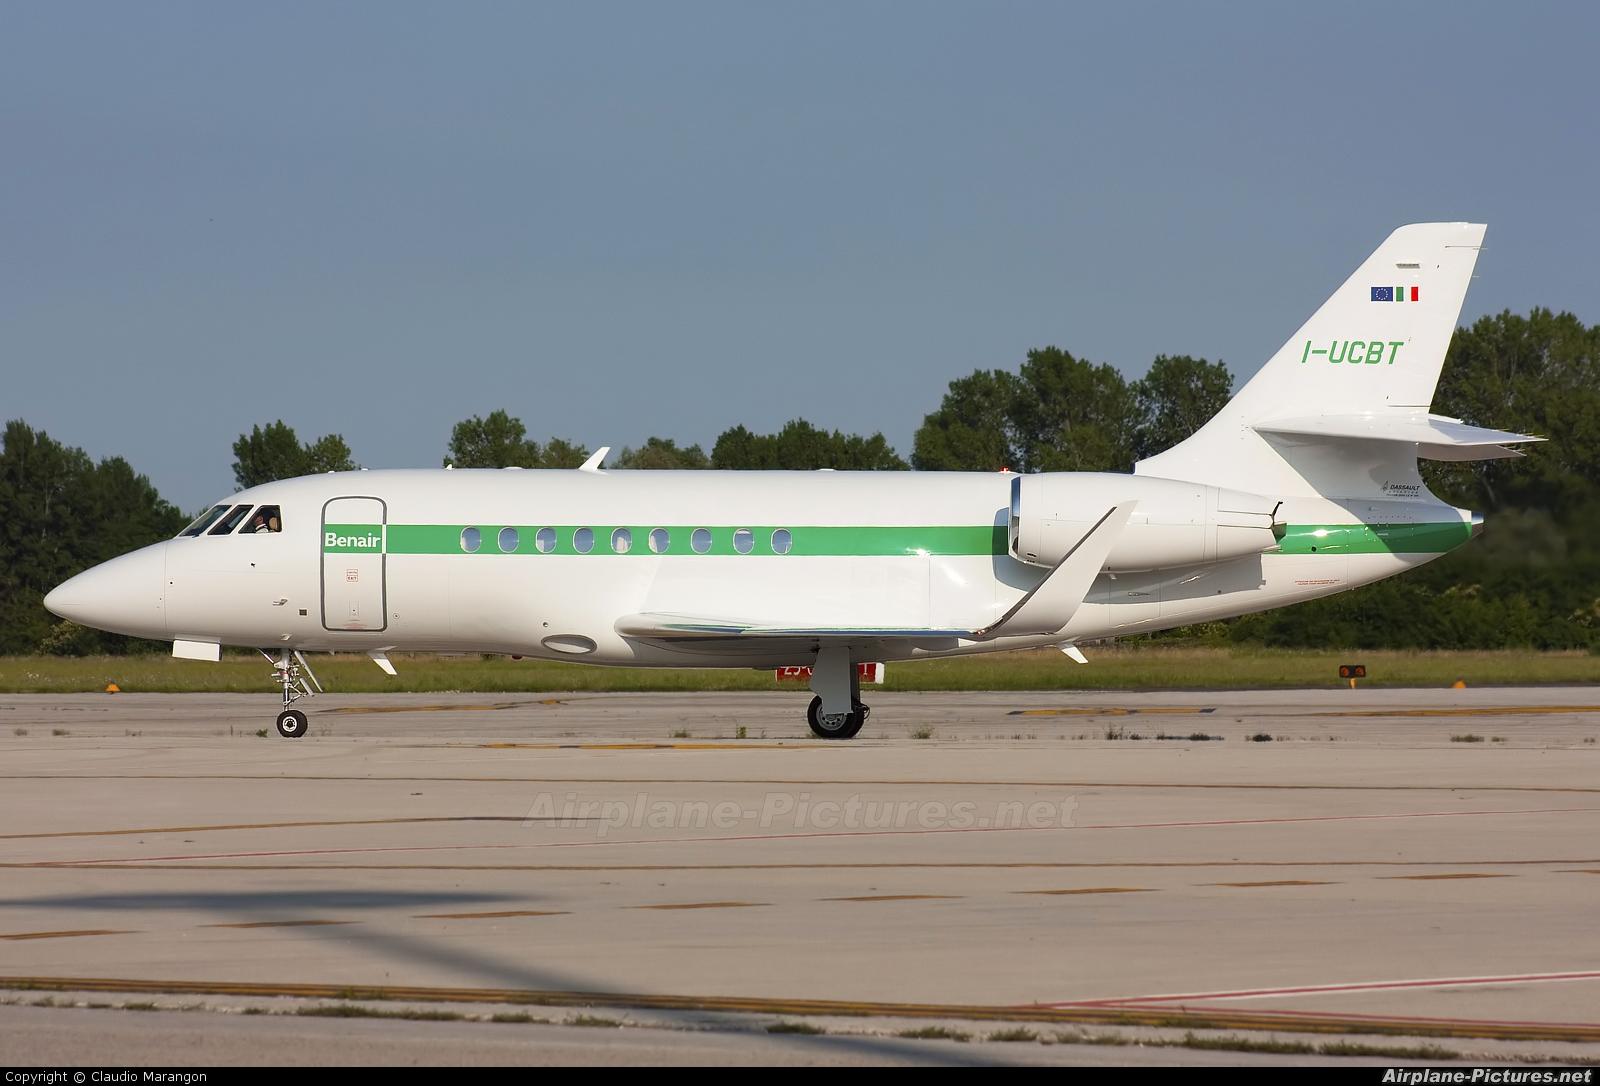 Benair I-UCBT aircraft at Treviso (Venice) - San Angelo